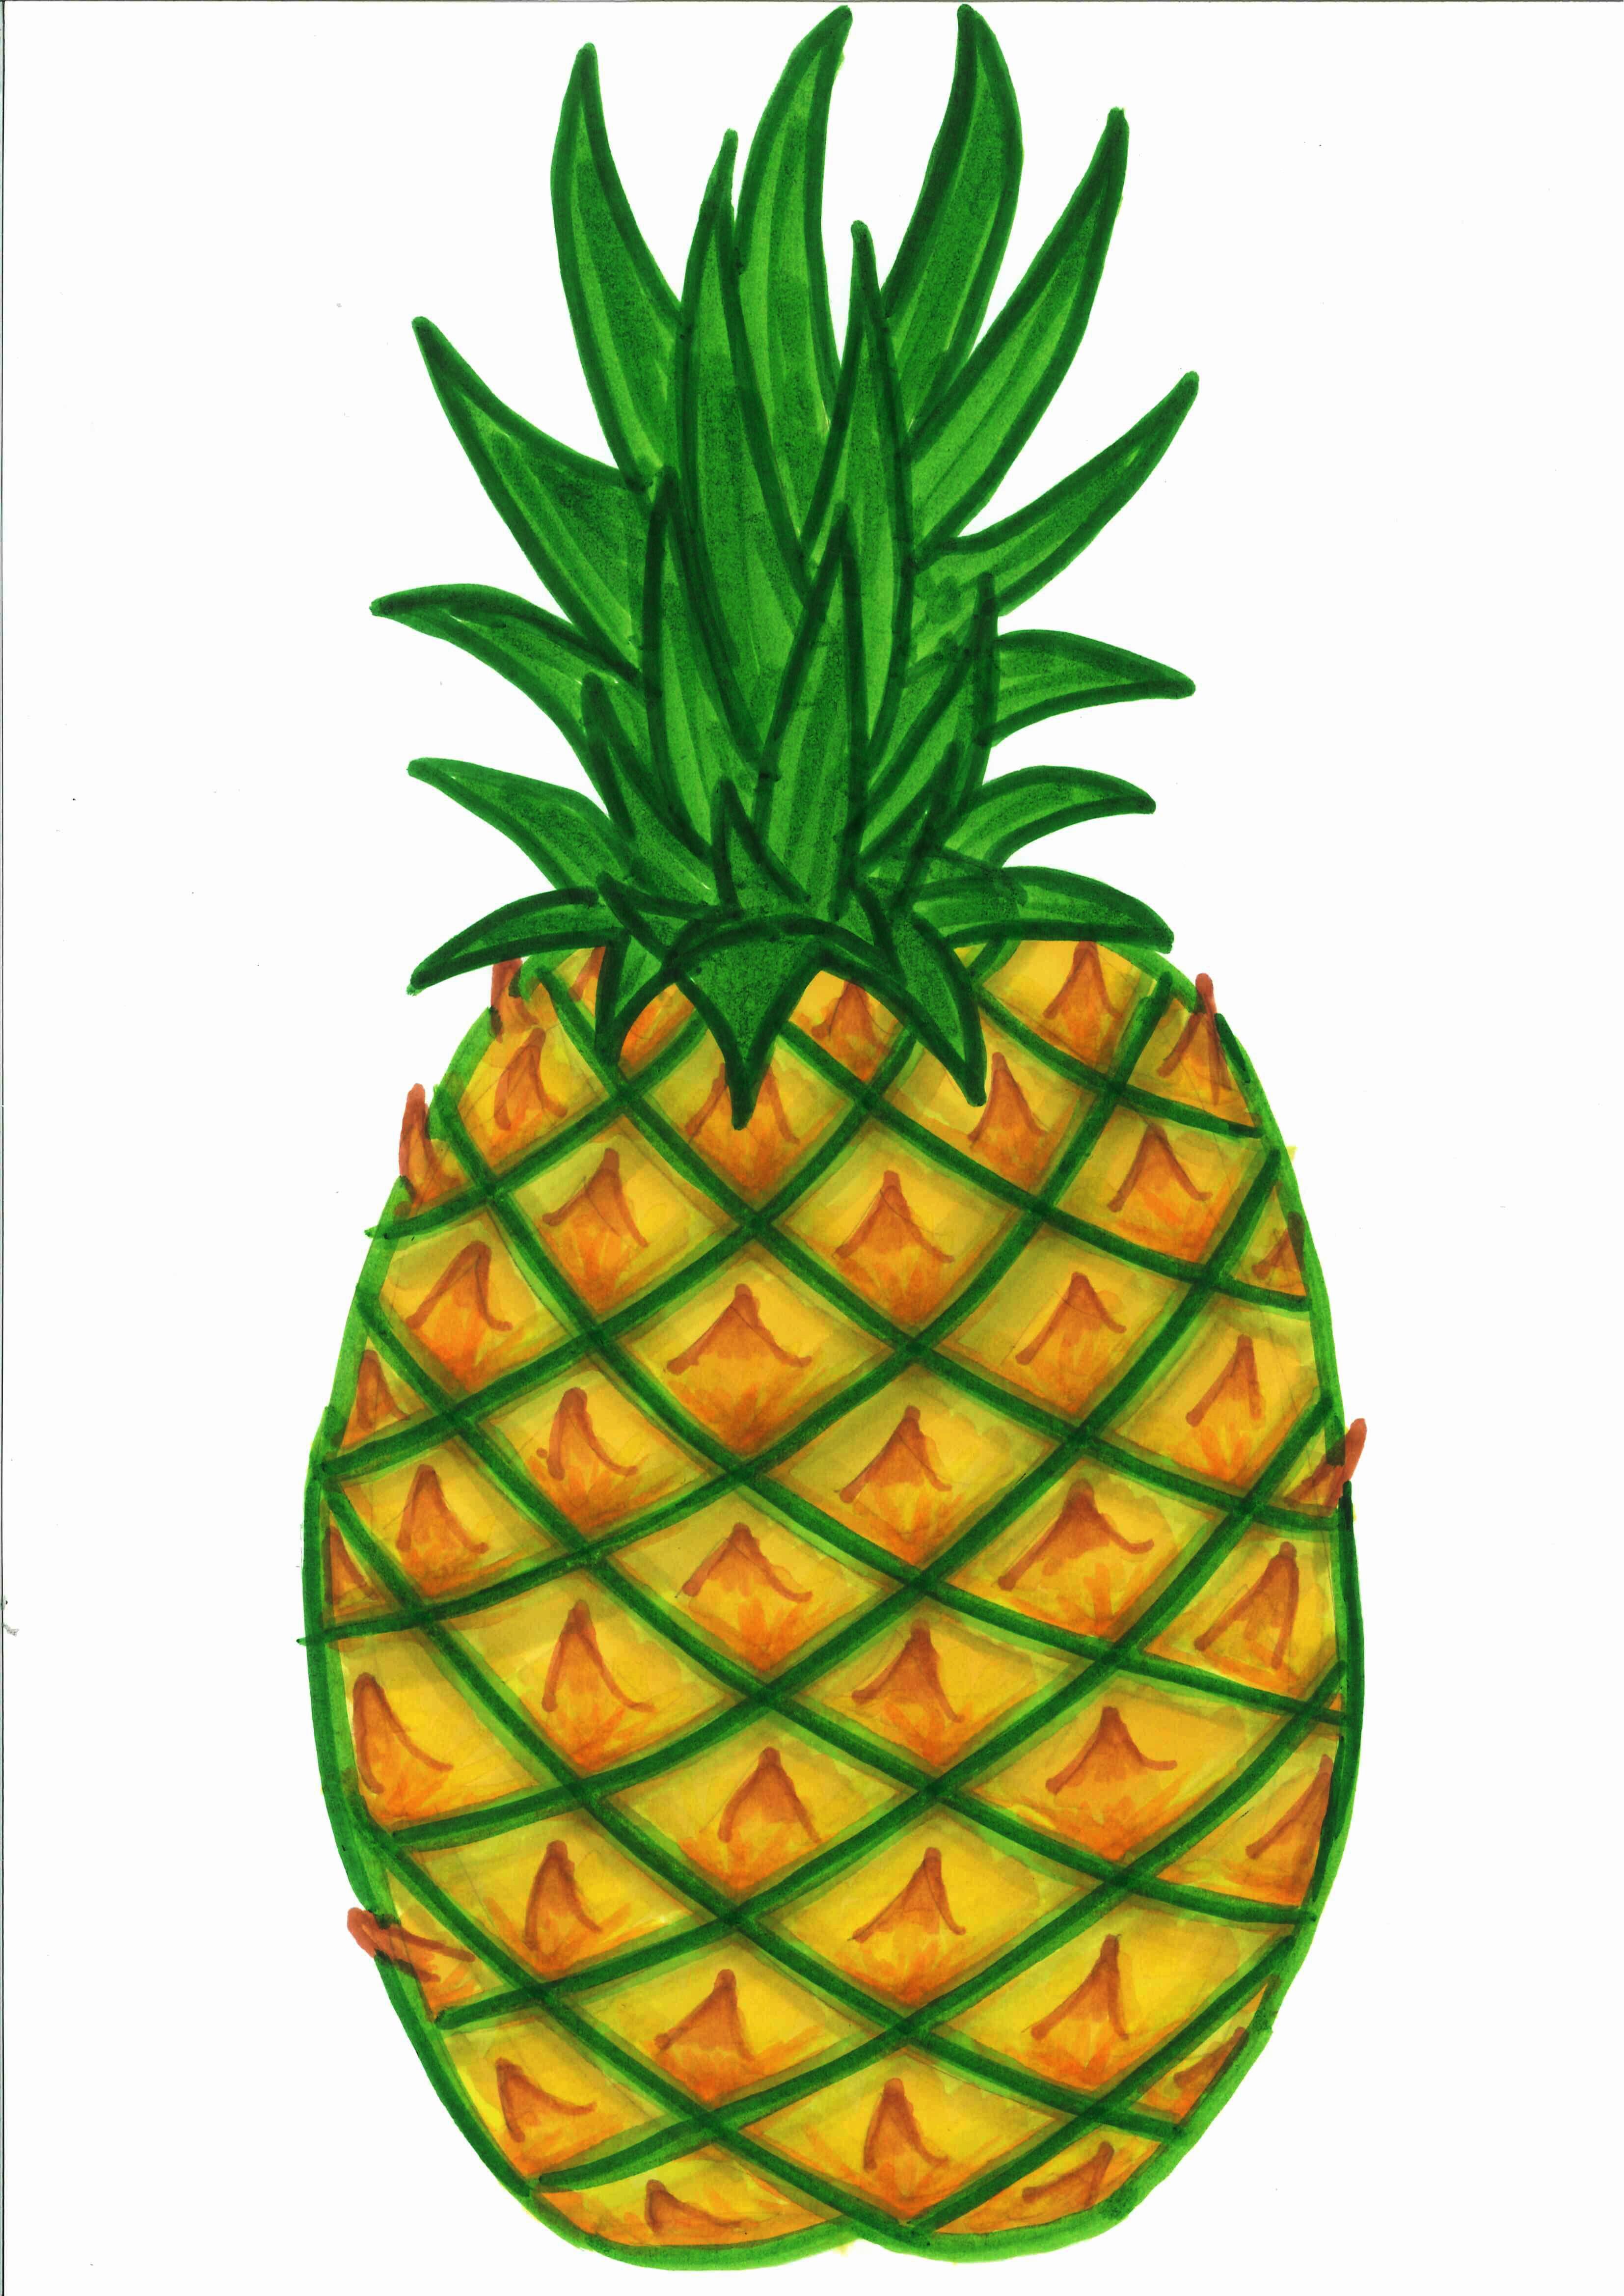 1 clipart pineapple. Fruit